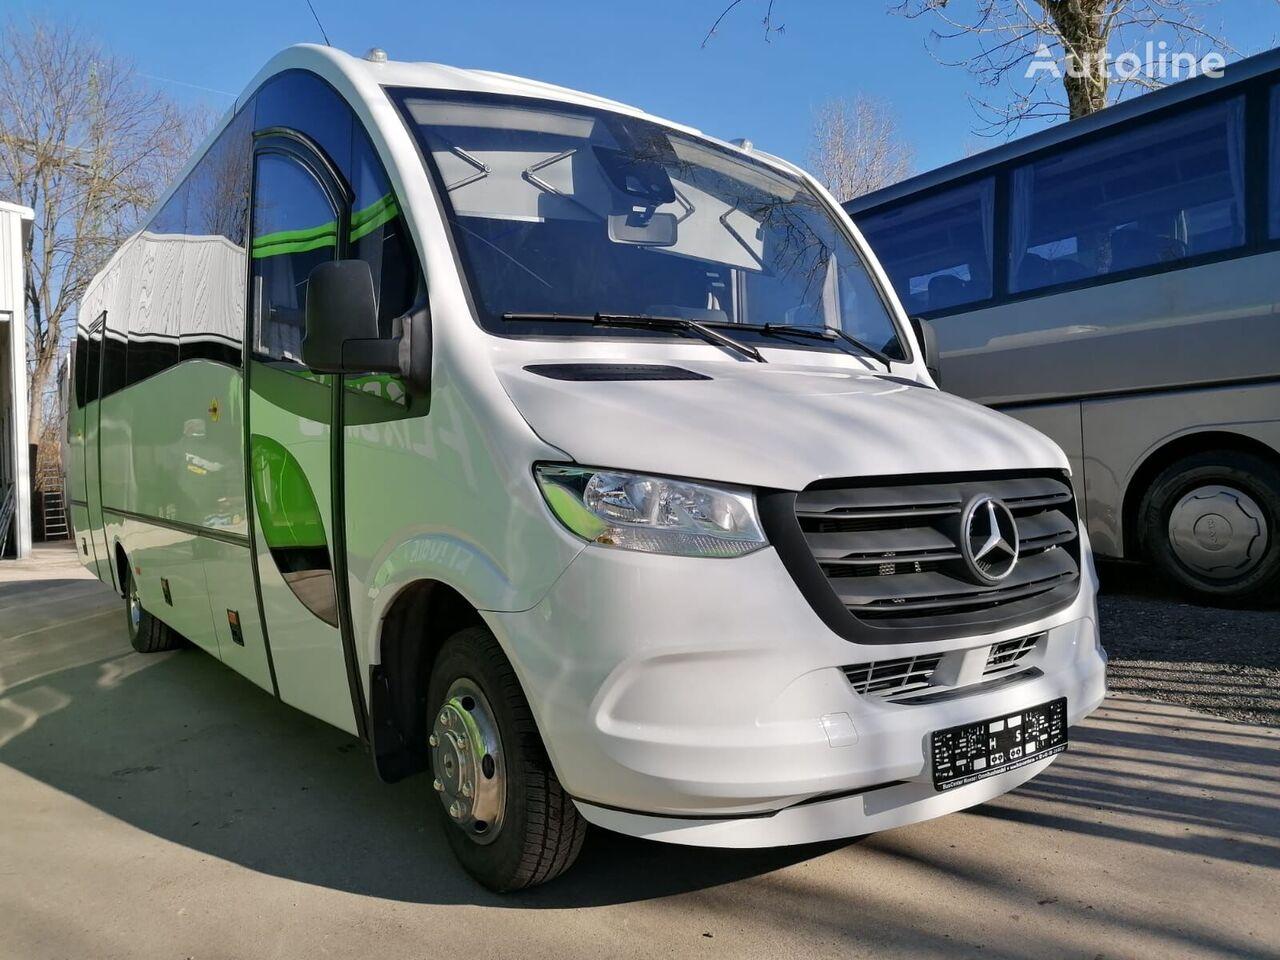 new MERCEDES-BENZ Maxi Tourer 919 COC, 31 seats, New passenger van